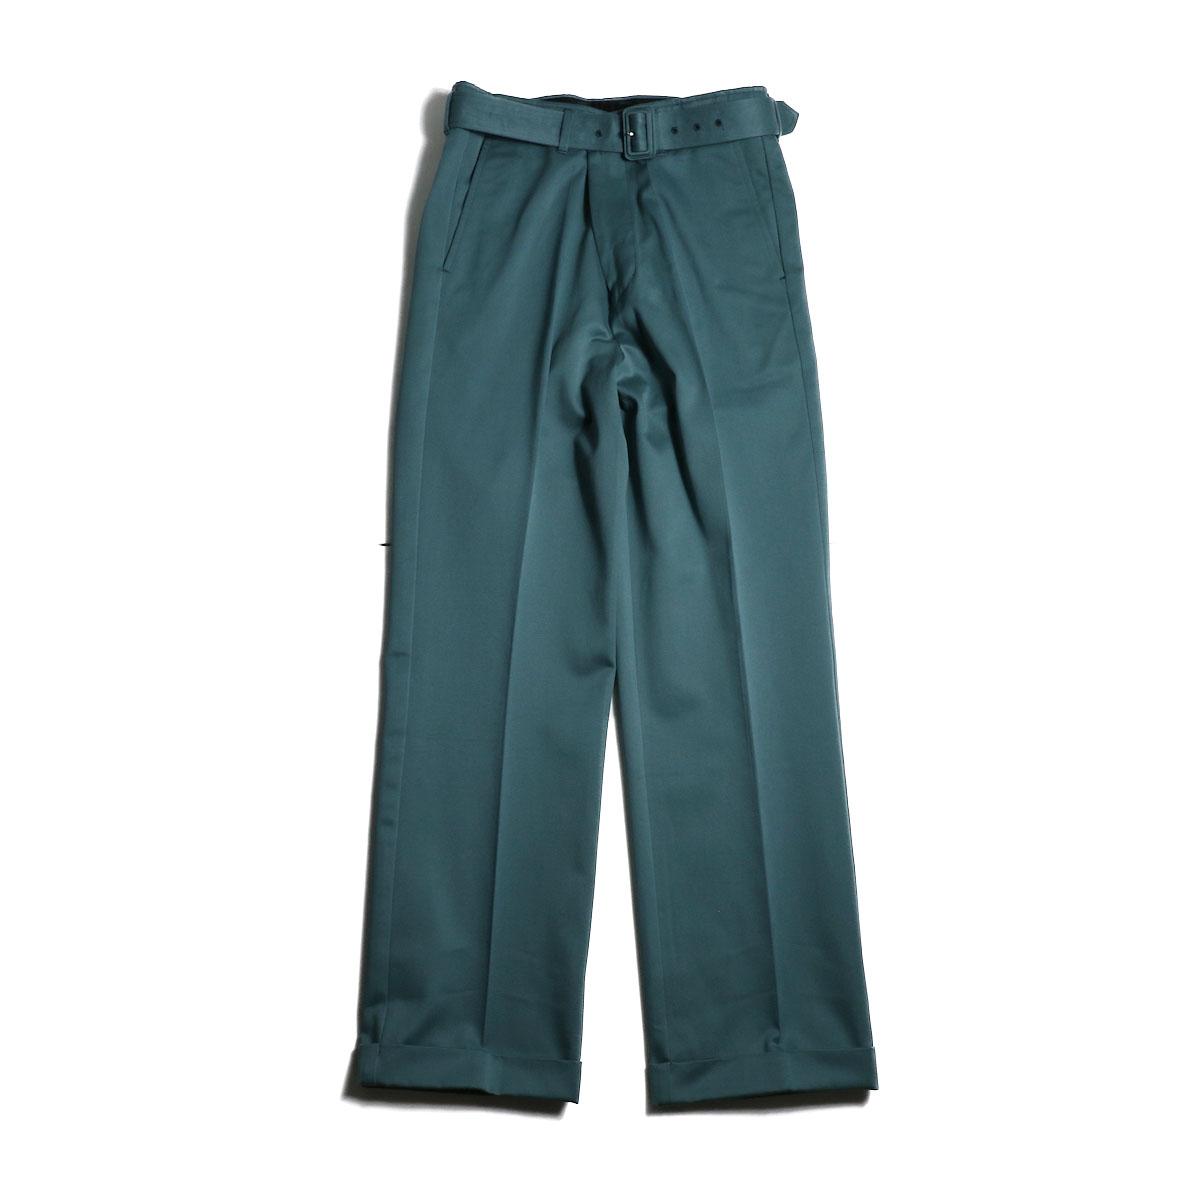 UNUSED / UW0840 Belted Pants (Green)